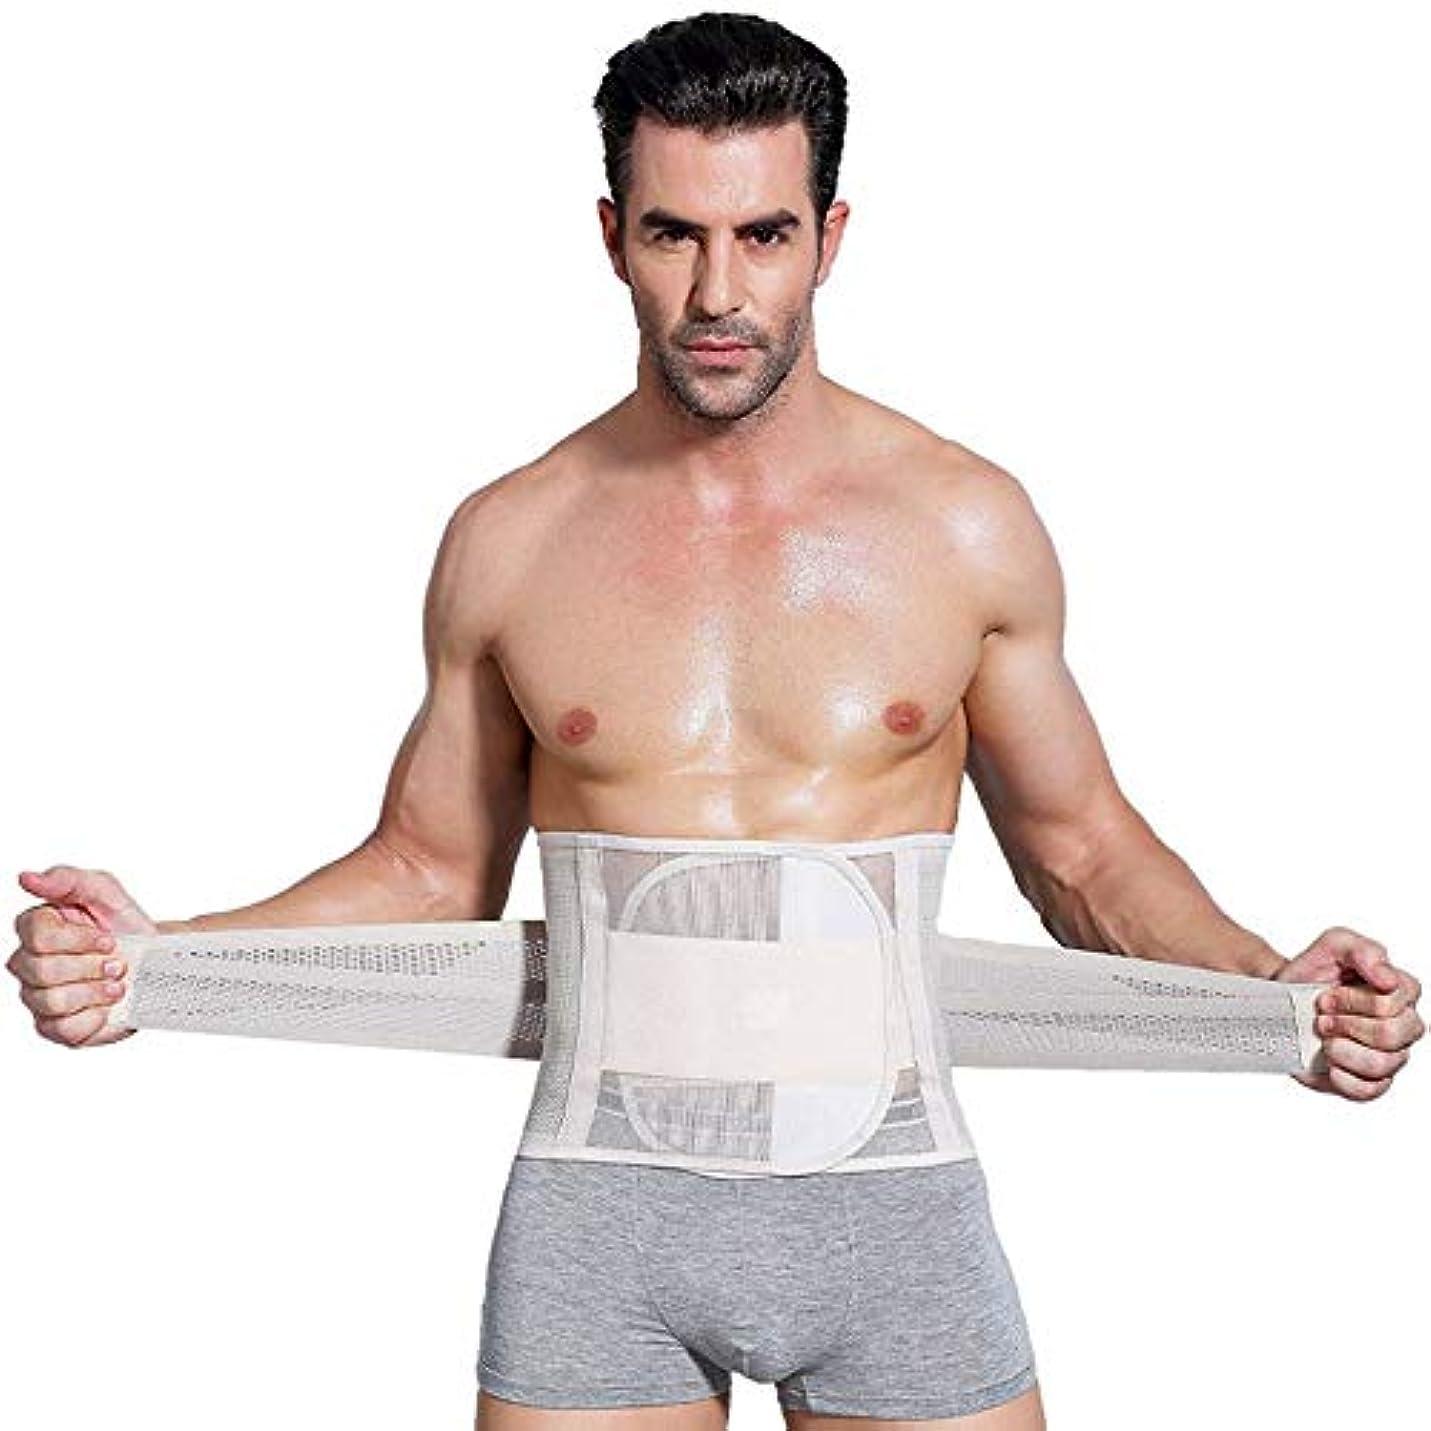 ひいきにするバイパス主婦男性ボディシェイパーコルセット腹部おなかコントロールウエストトレーナーニッパー脂肪燃焼ガードル痩身腹ベルト用男性